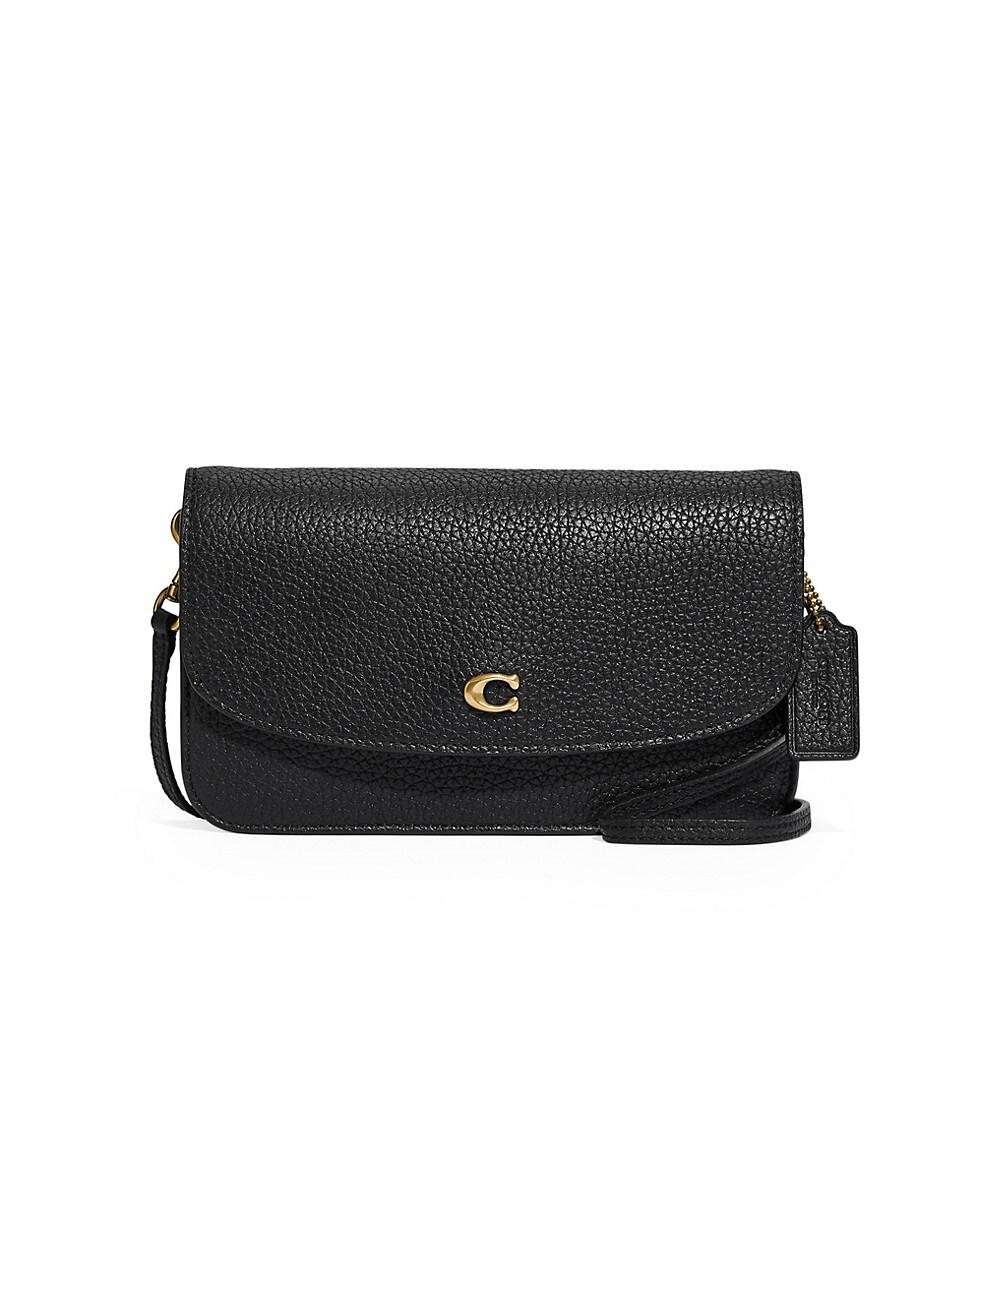 코치 크로스바디백 COACH Hayden Leather Crossbody Bag,BLACK